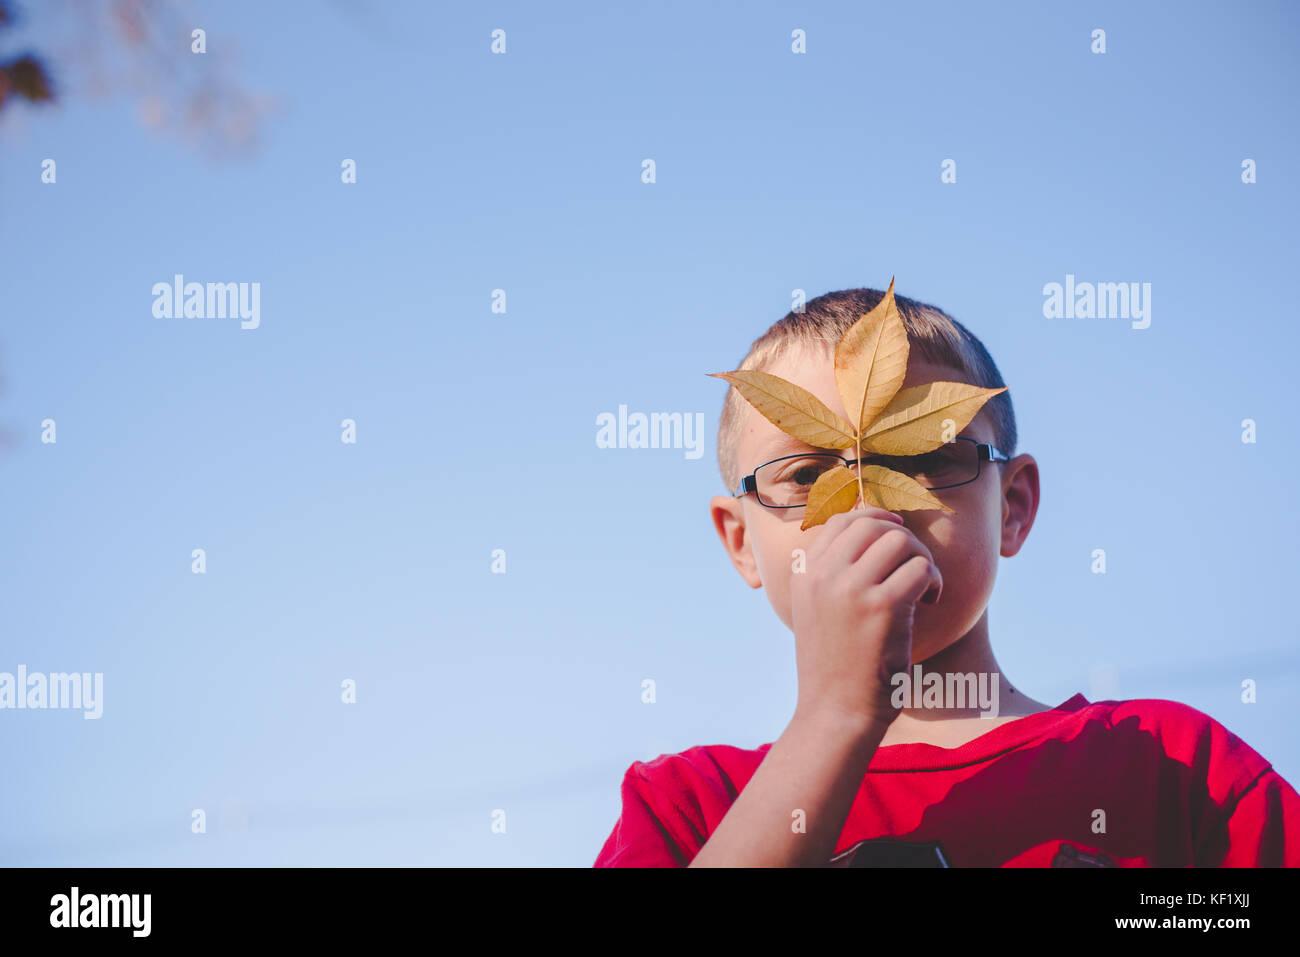 10-11 años de edad la celebración de hoja en la parte delantera de la cara Imagen De Stock